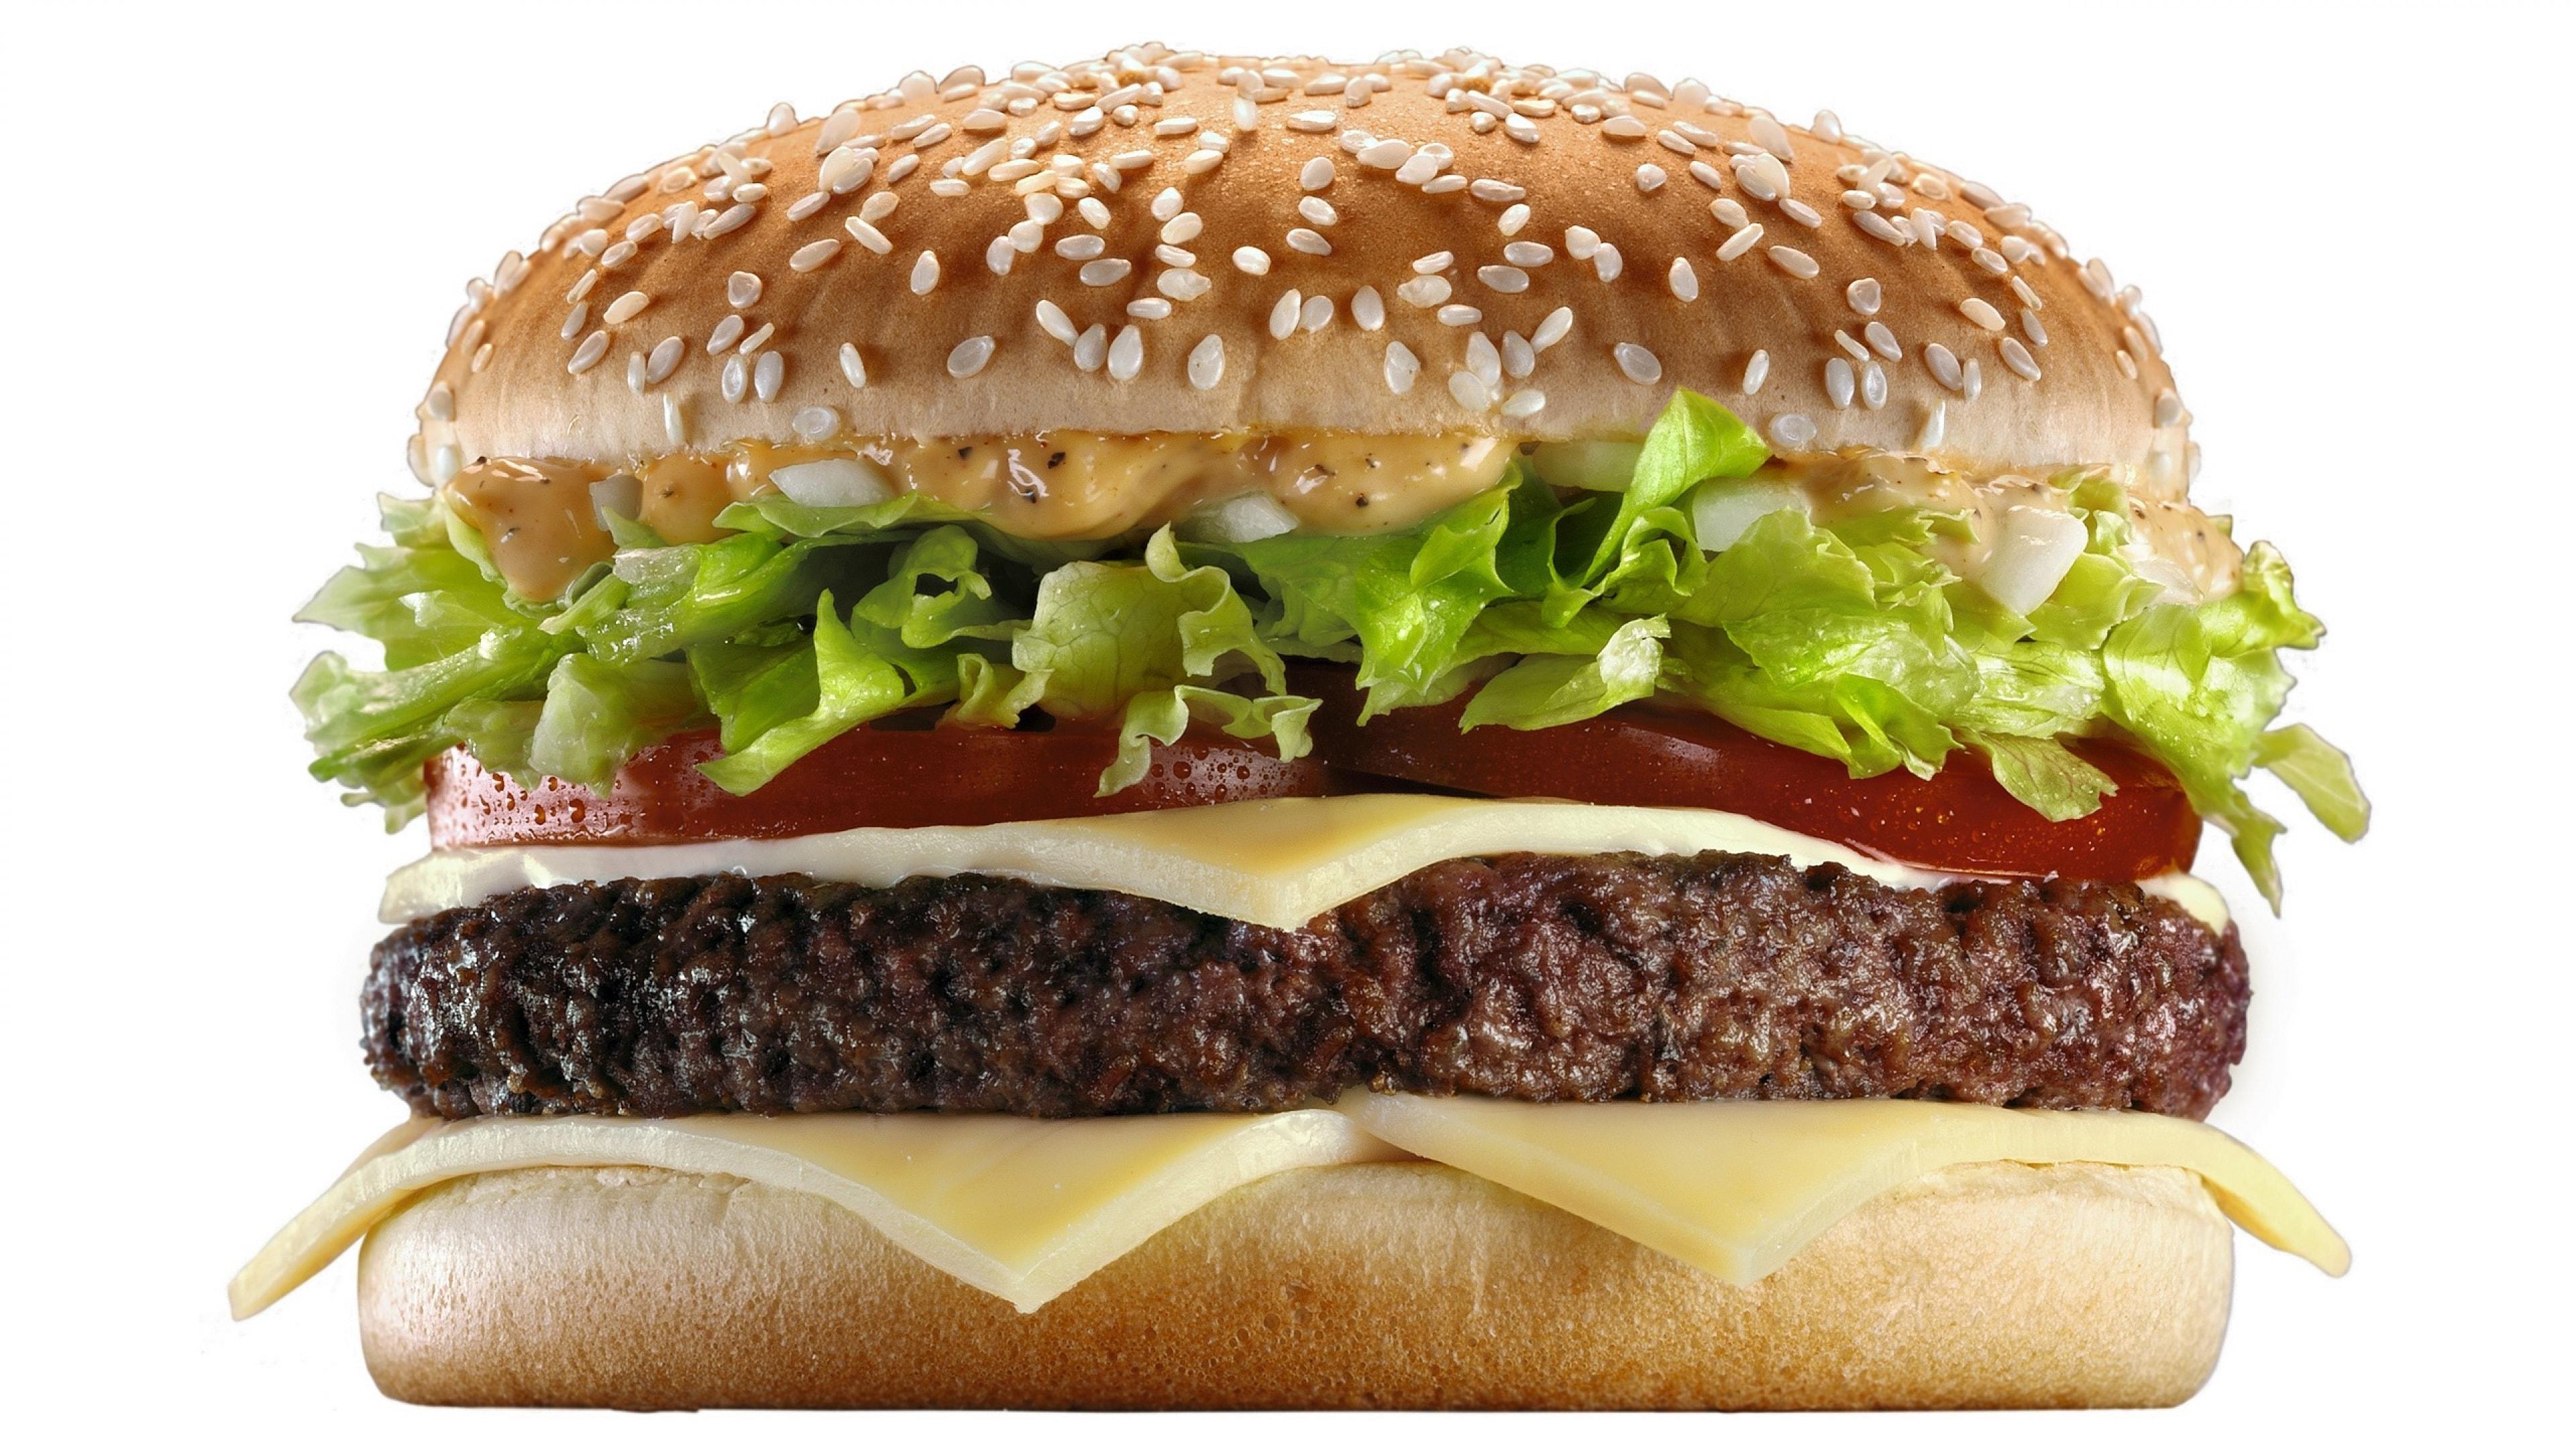 Cheeseburger Widescreen for desktop